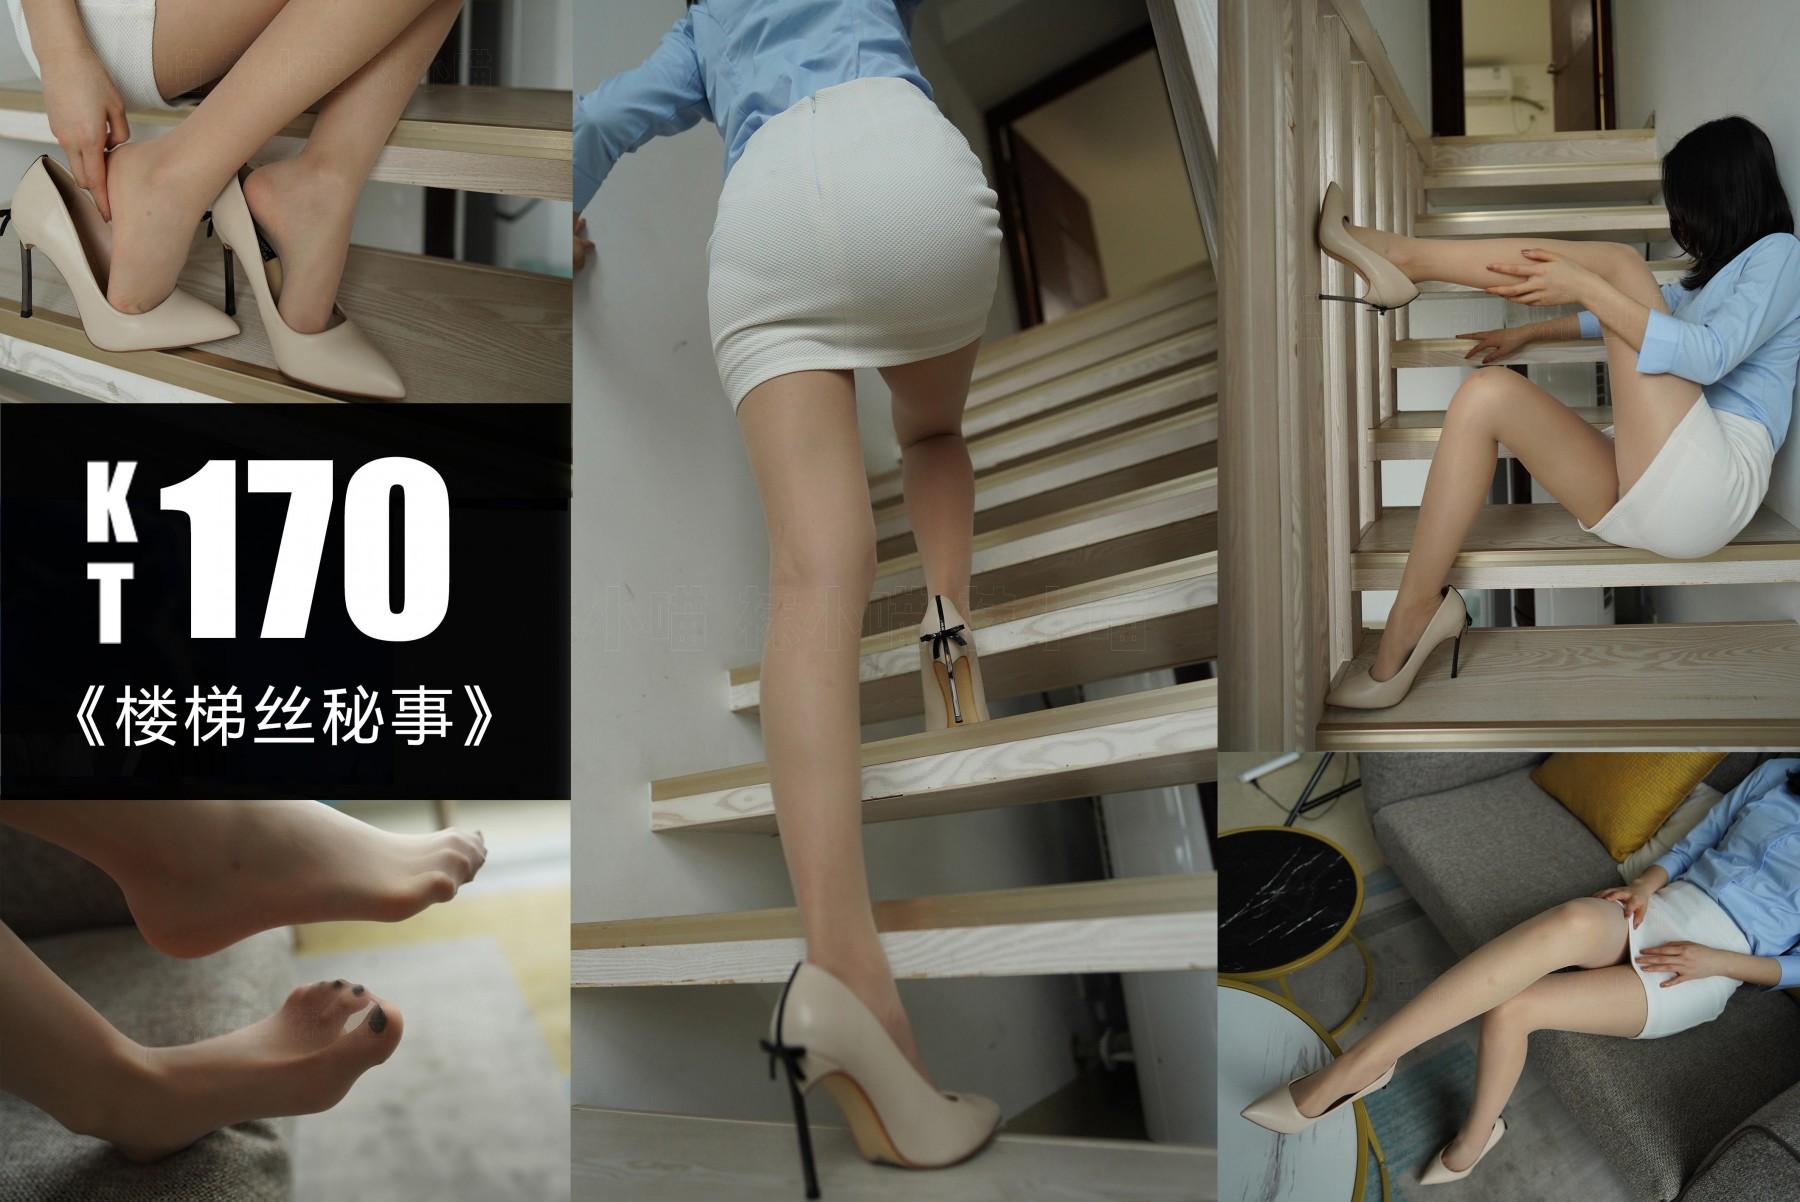 KittyWawa KT170 《楼梯丝秘事》